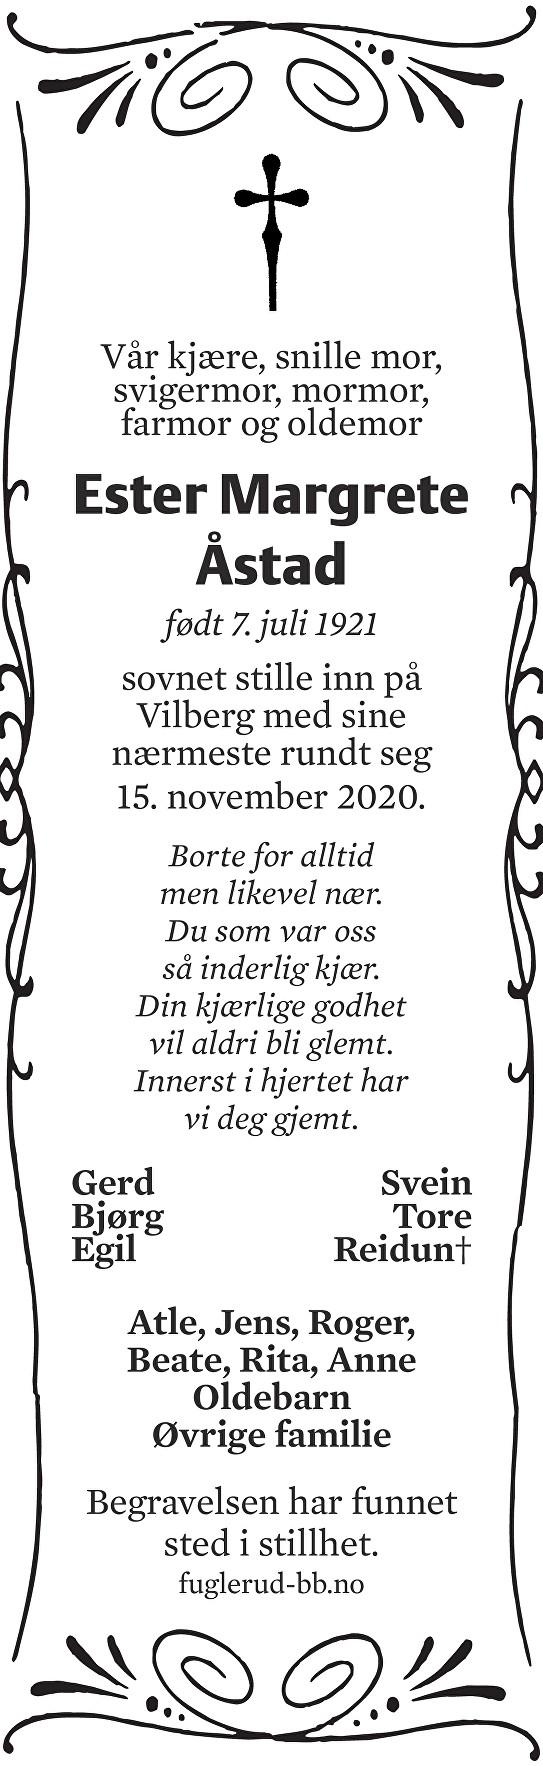 Ester Margrete Åstad Dødsannonse